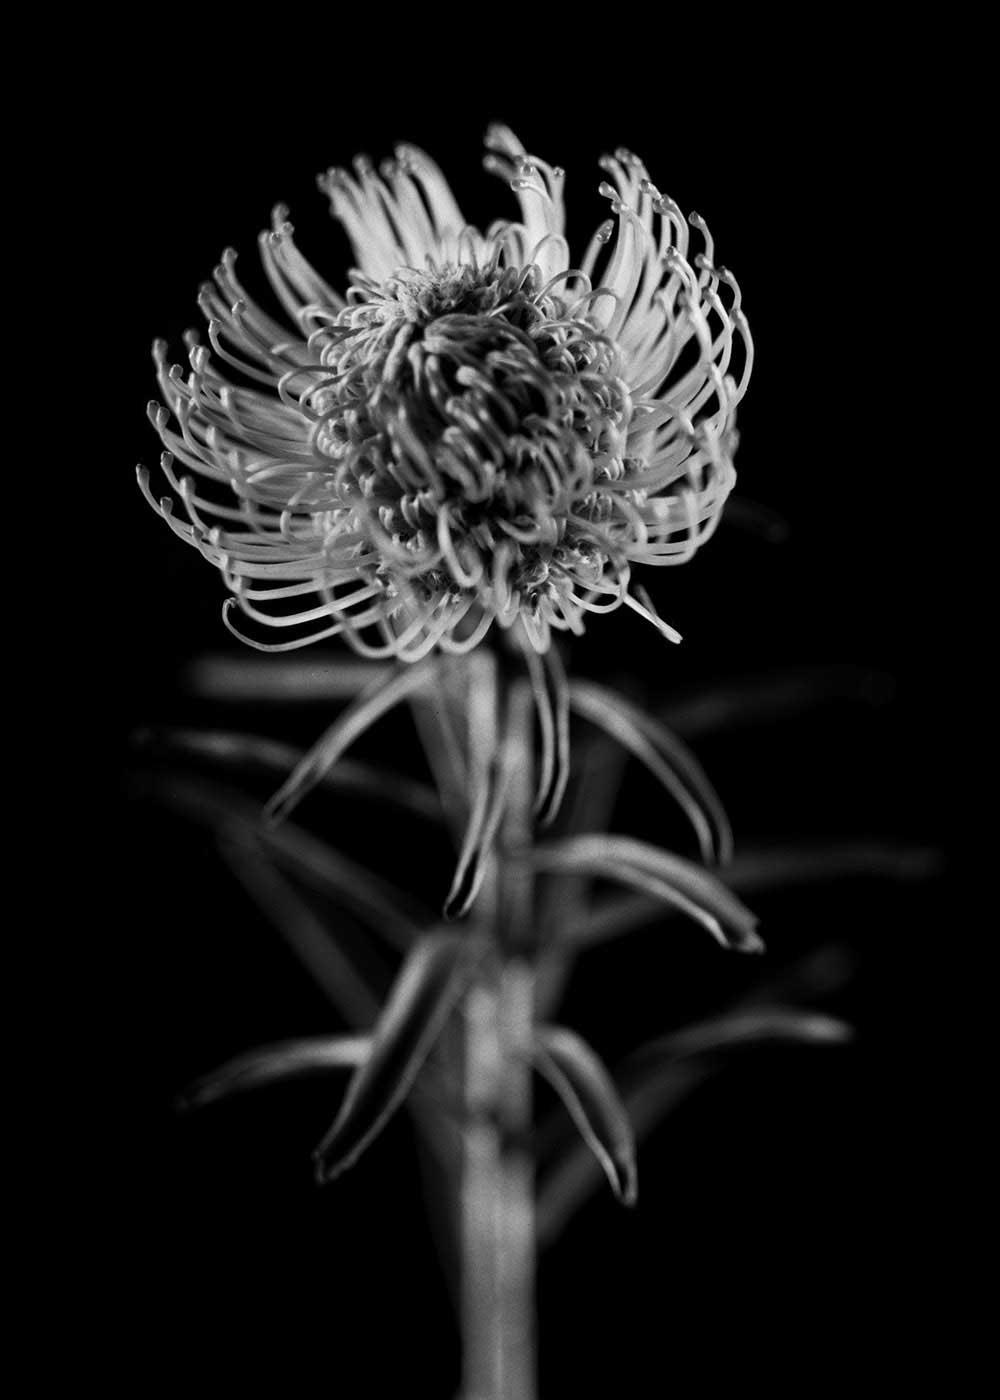 guillaume_dhubert_herbarium_008